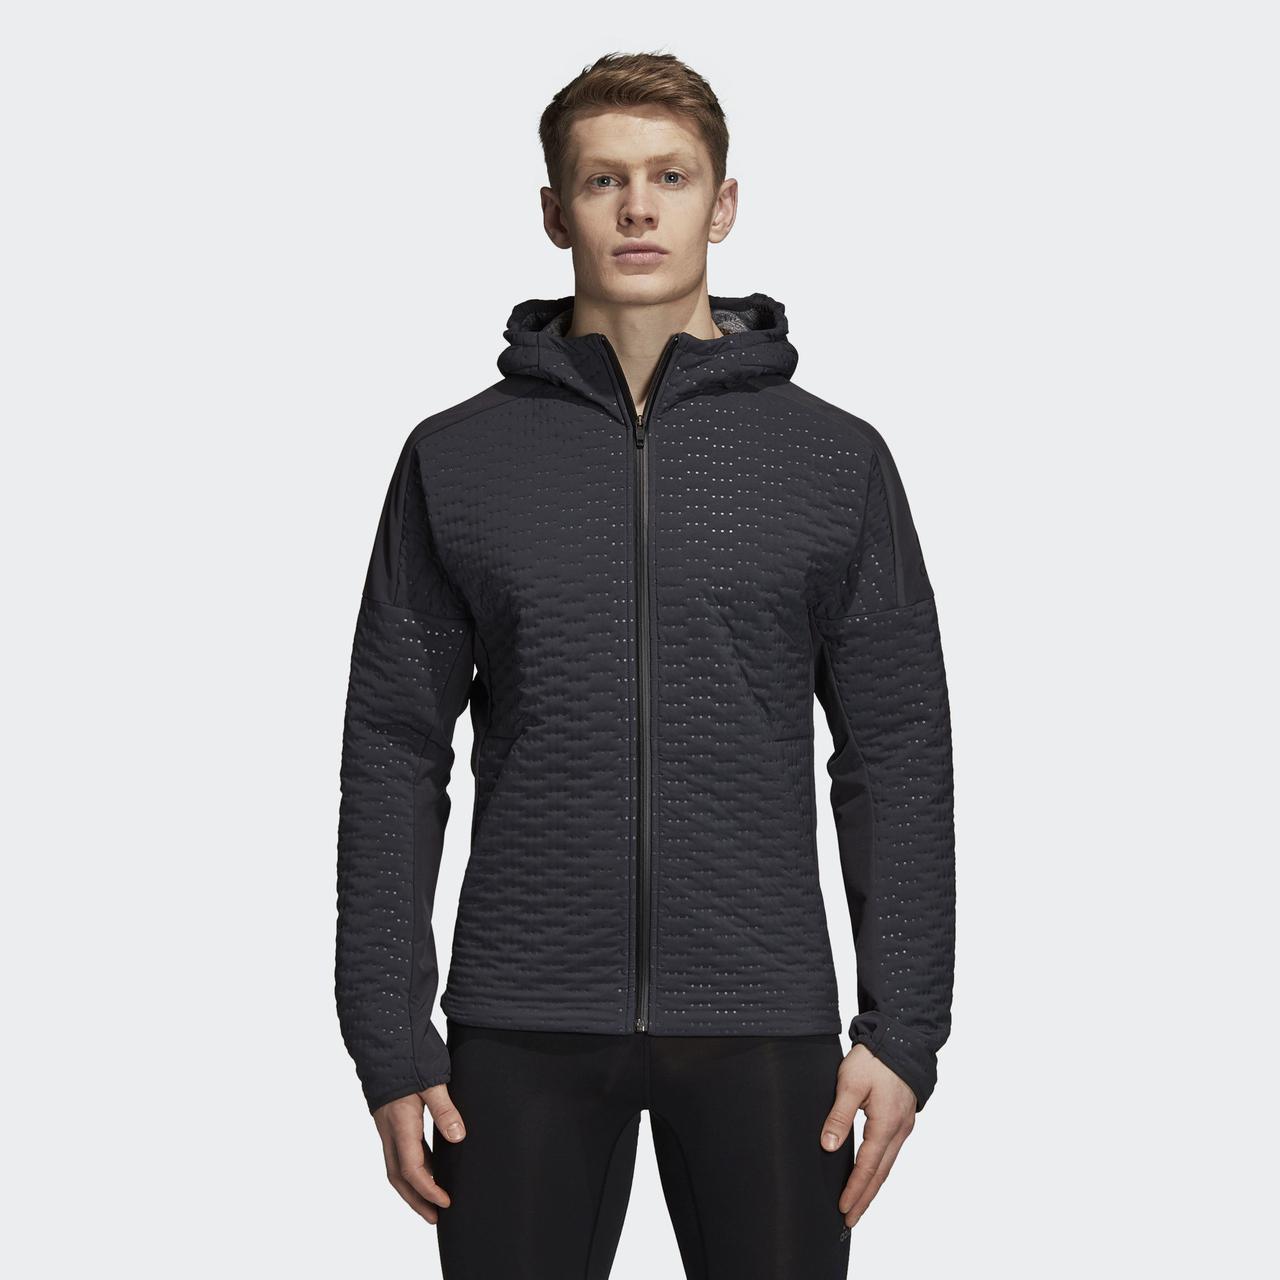 Куртка для бега adidas Z.N.E. Winter, фото 1